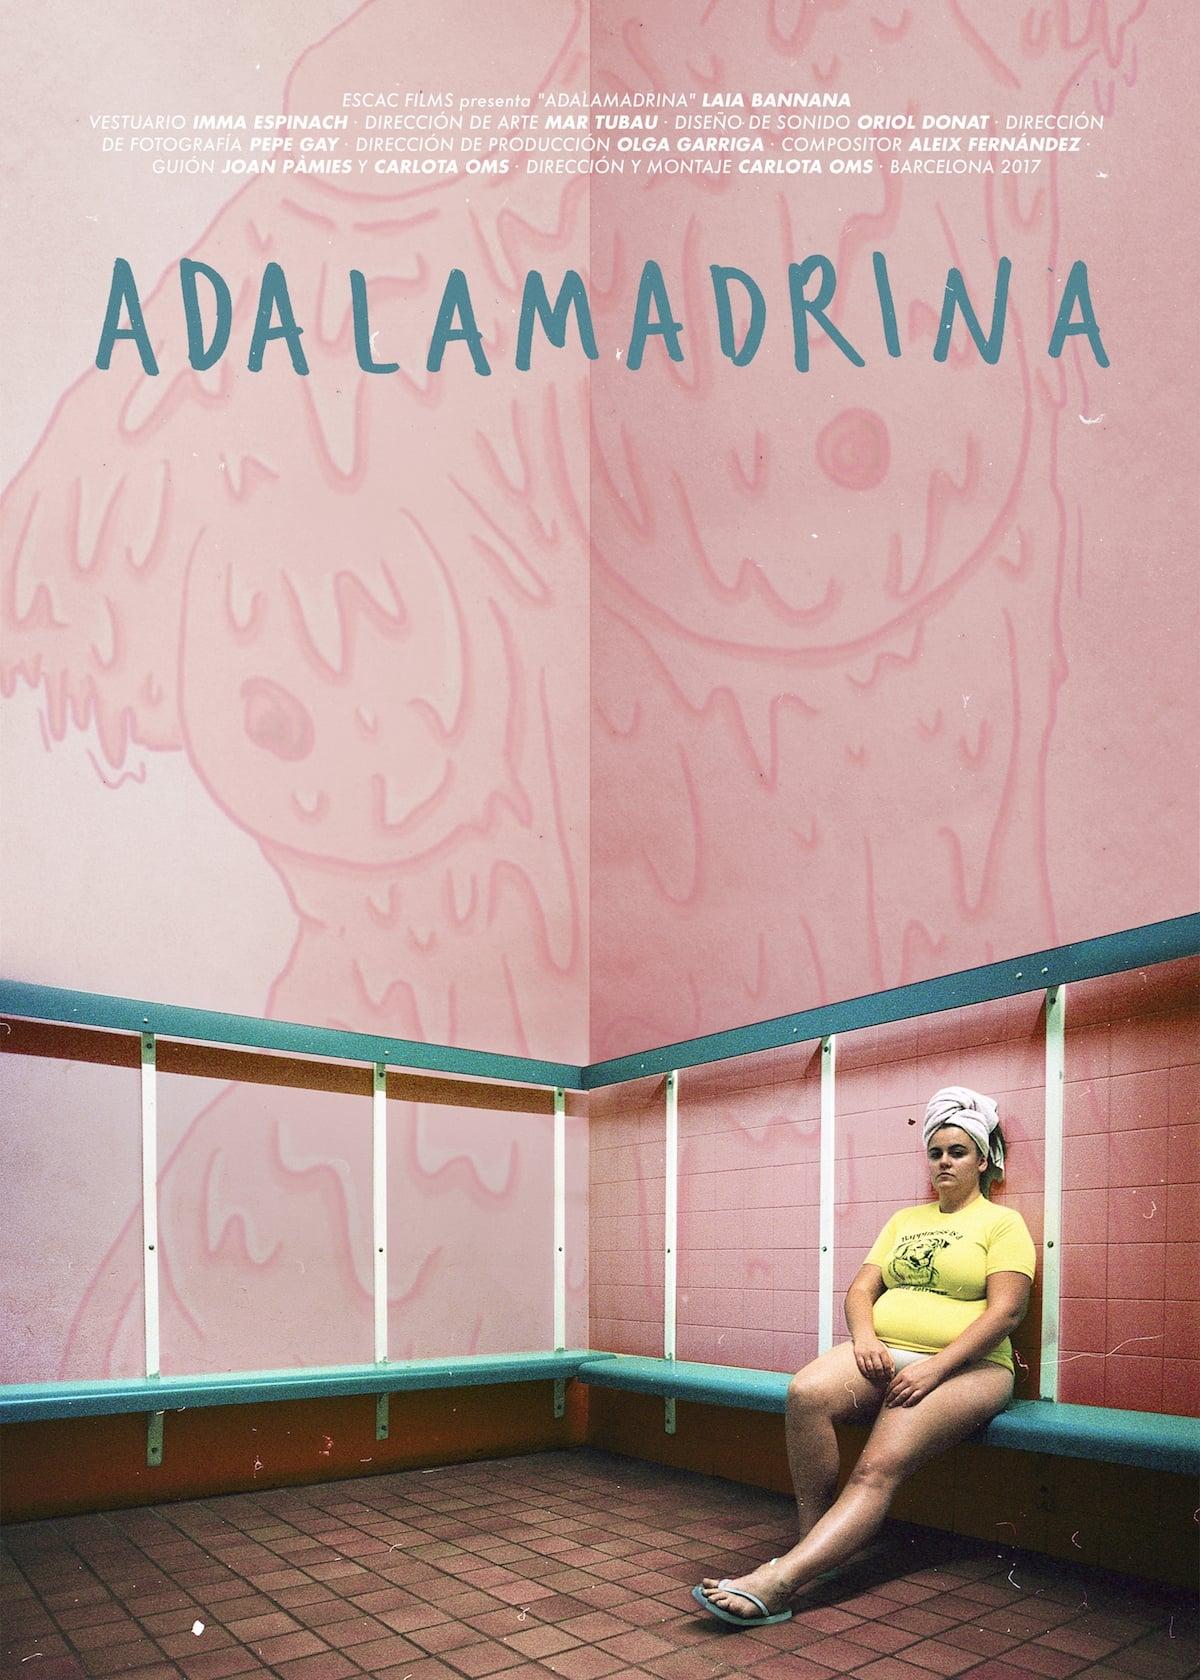 Adalamadrina